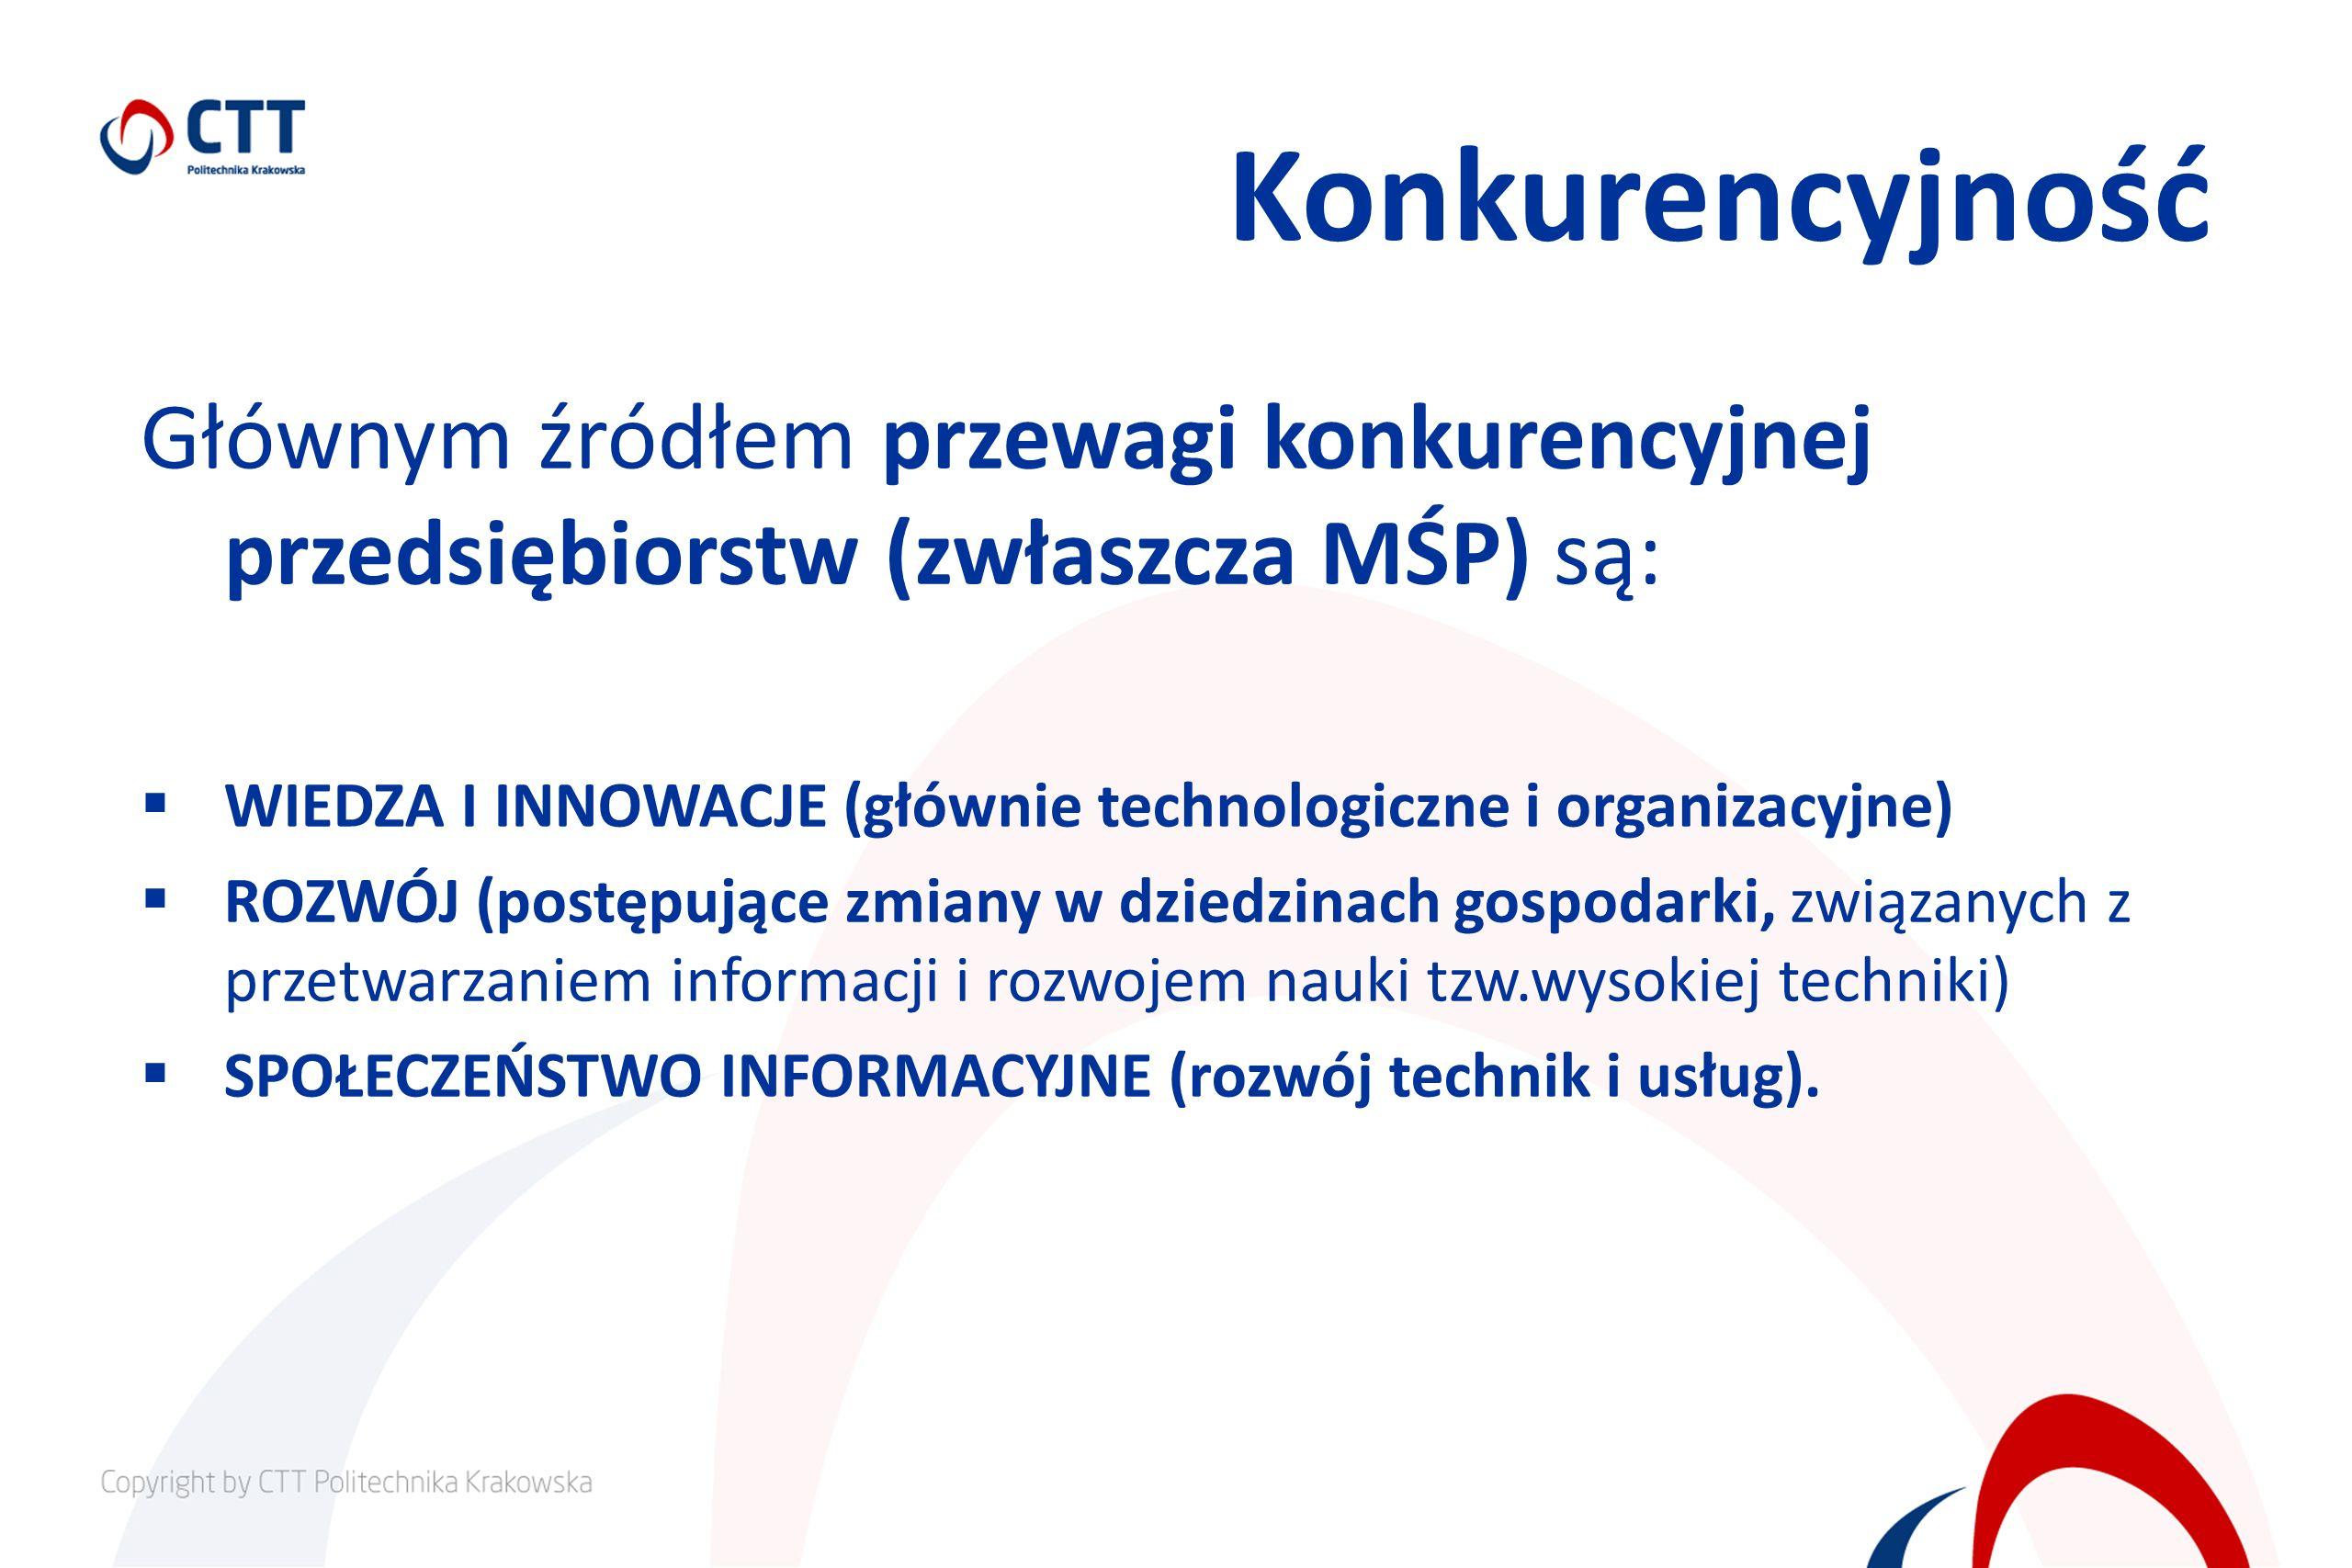 Konkurencyjność Głównym źródłem przewagi konkurencyjnej przedsiębiorstw (zwłaszcza MŚP) są: WIEDZA I INNOWACJE (głównie technologiczne i organizacyjne) ROZWÓJ (postępujące zmiany w dziedzinach gospodarki, związanych z przetwarzaniem informacji i rozwojem nauki tzw.wysokiej techniki) SPOŁECZEŃSTWO INFORMACYJNE (rozwój technik i usług).